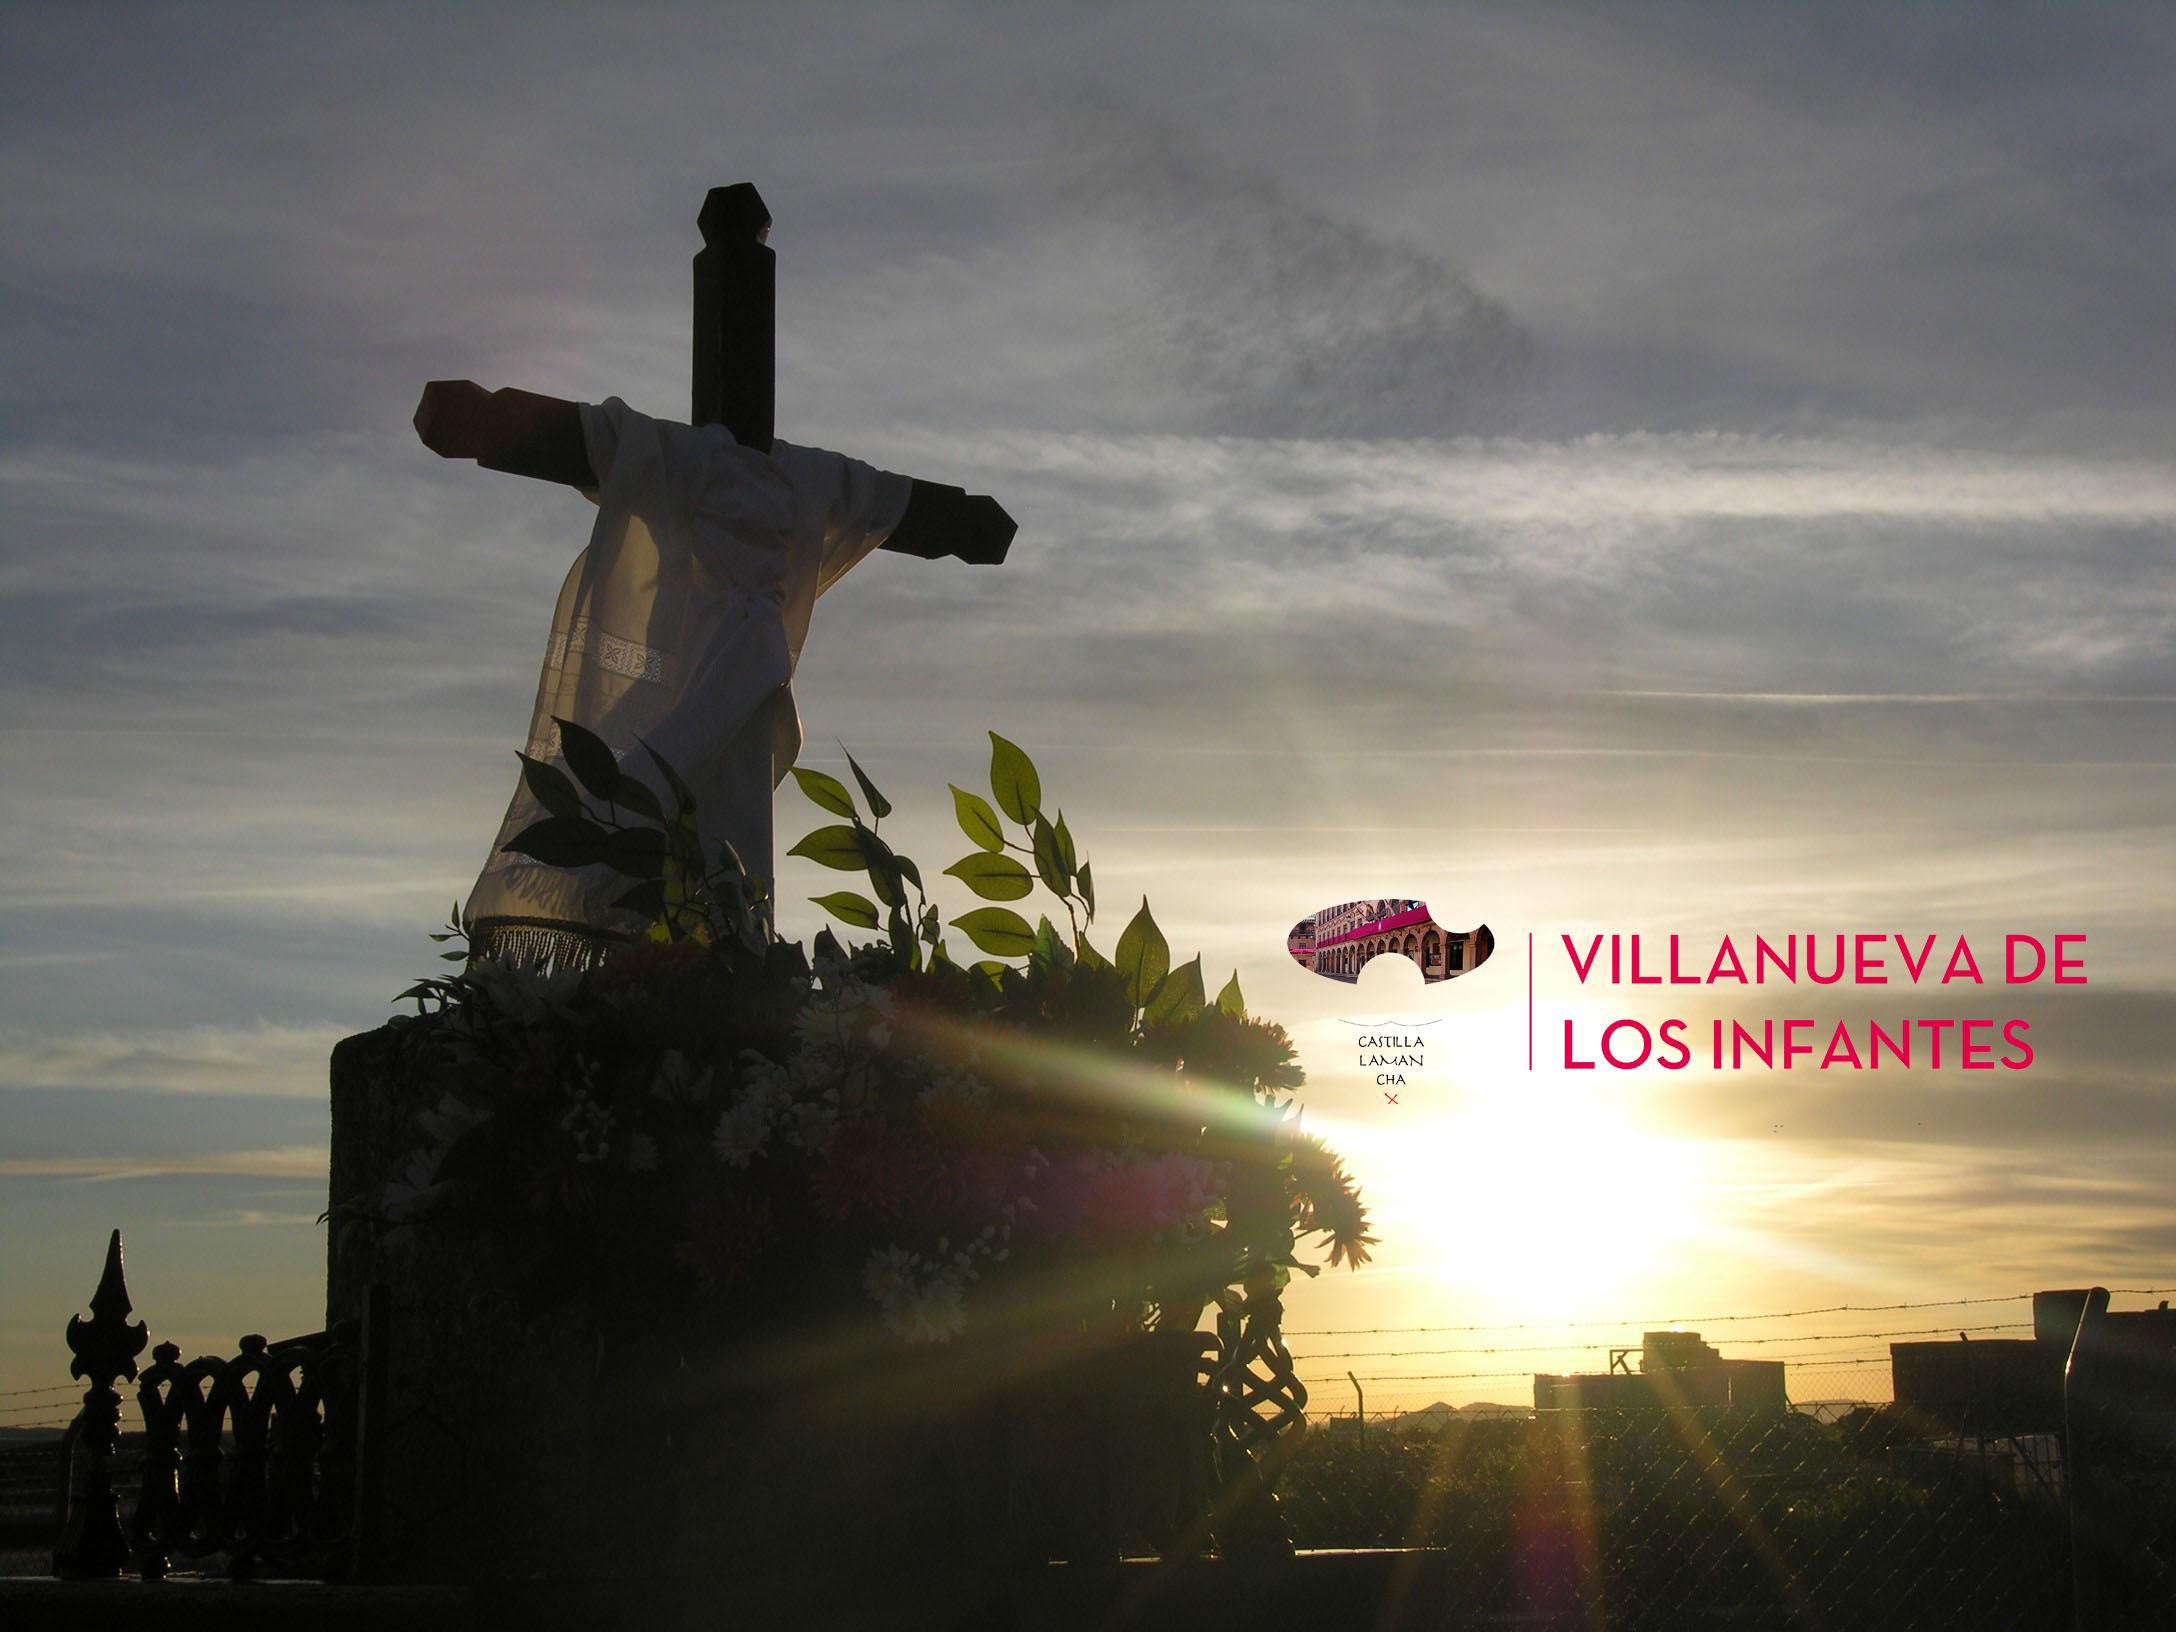 La Universidad Popular de Villanueva de los Infantes organiza una Exposición de Fotografía sobre la Fiesta de Cruces y Mayos